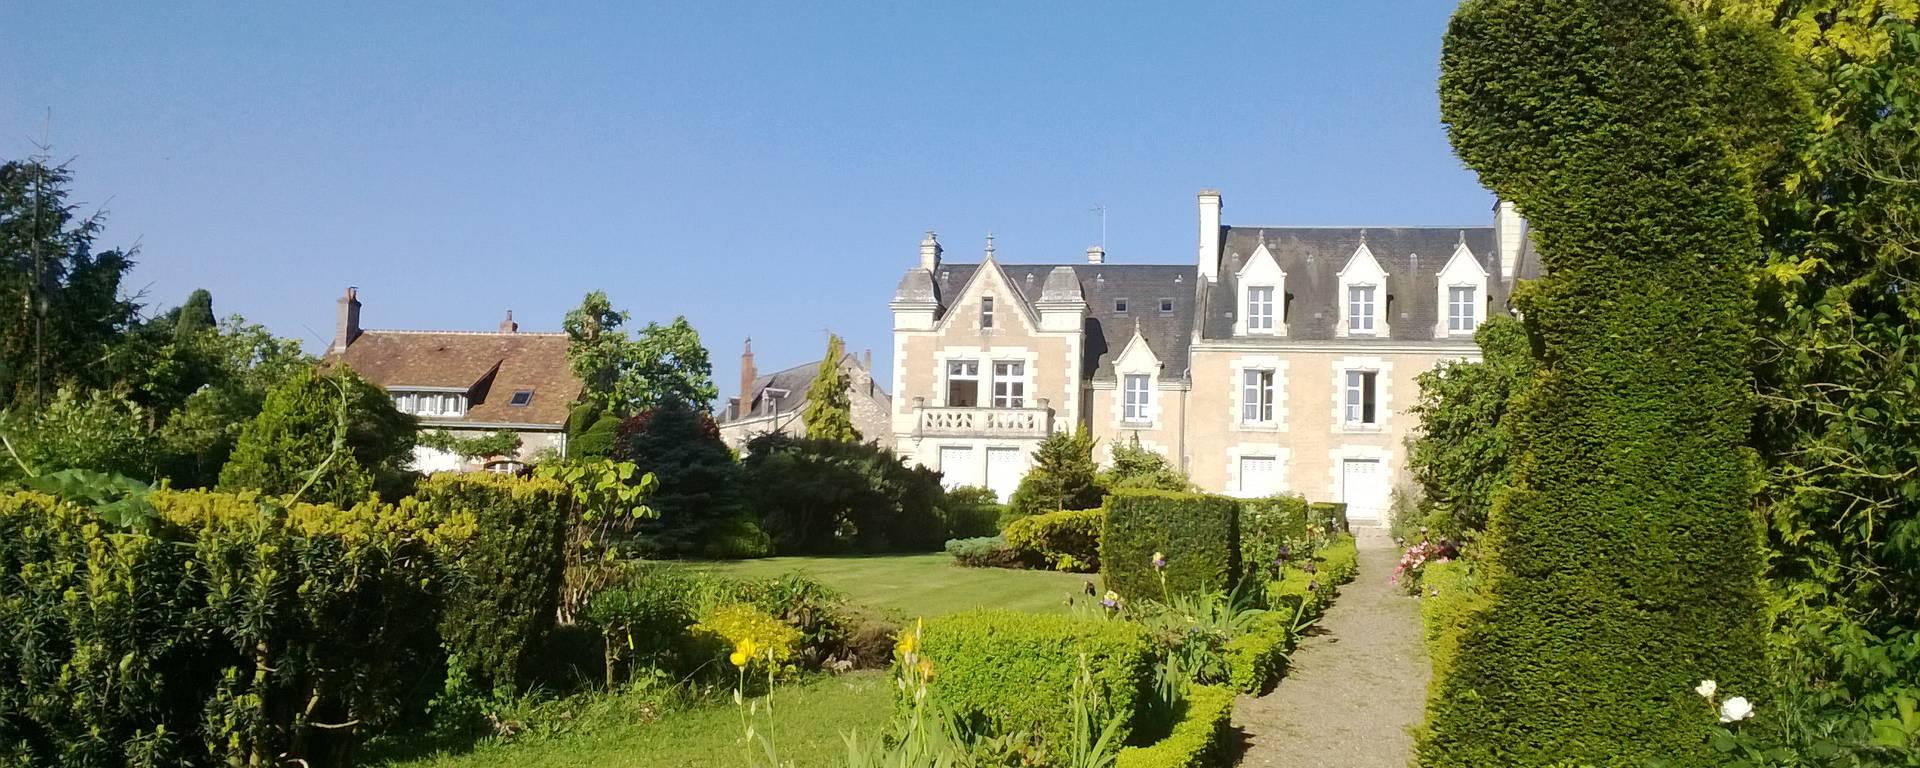 Parque del priorato de Orchaise cerca de Blois